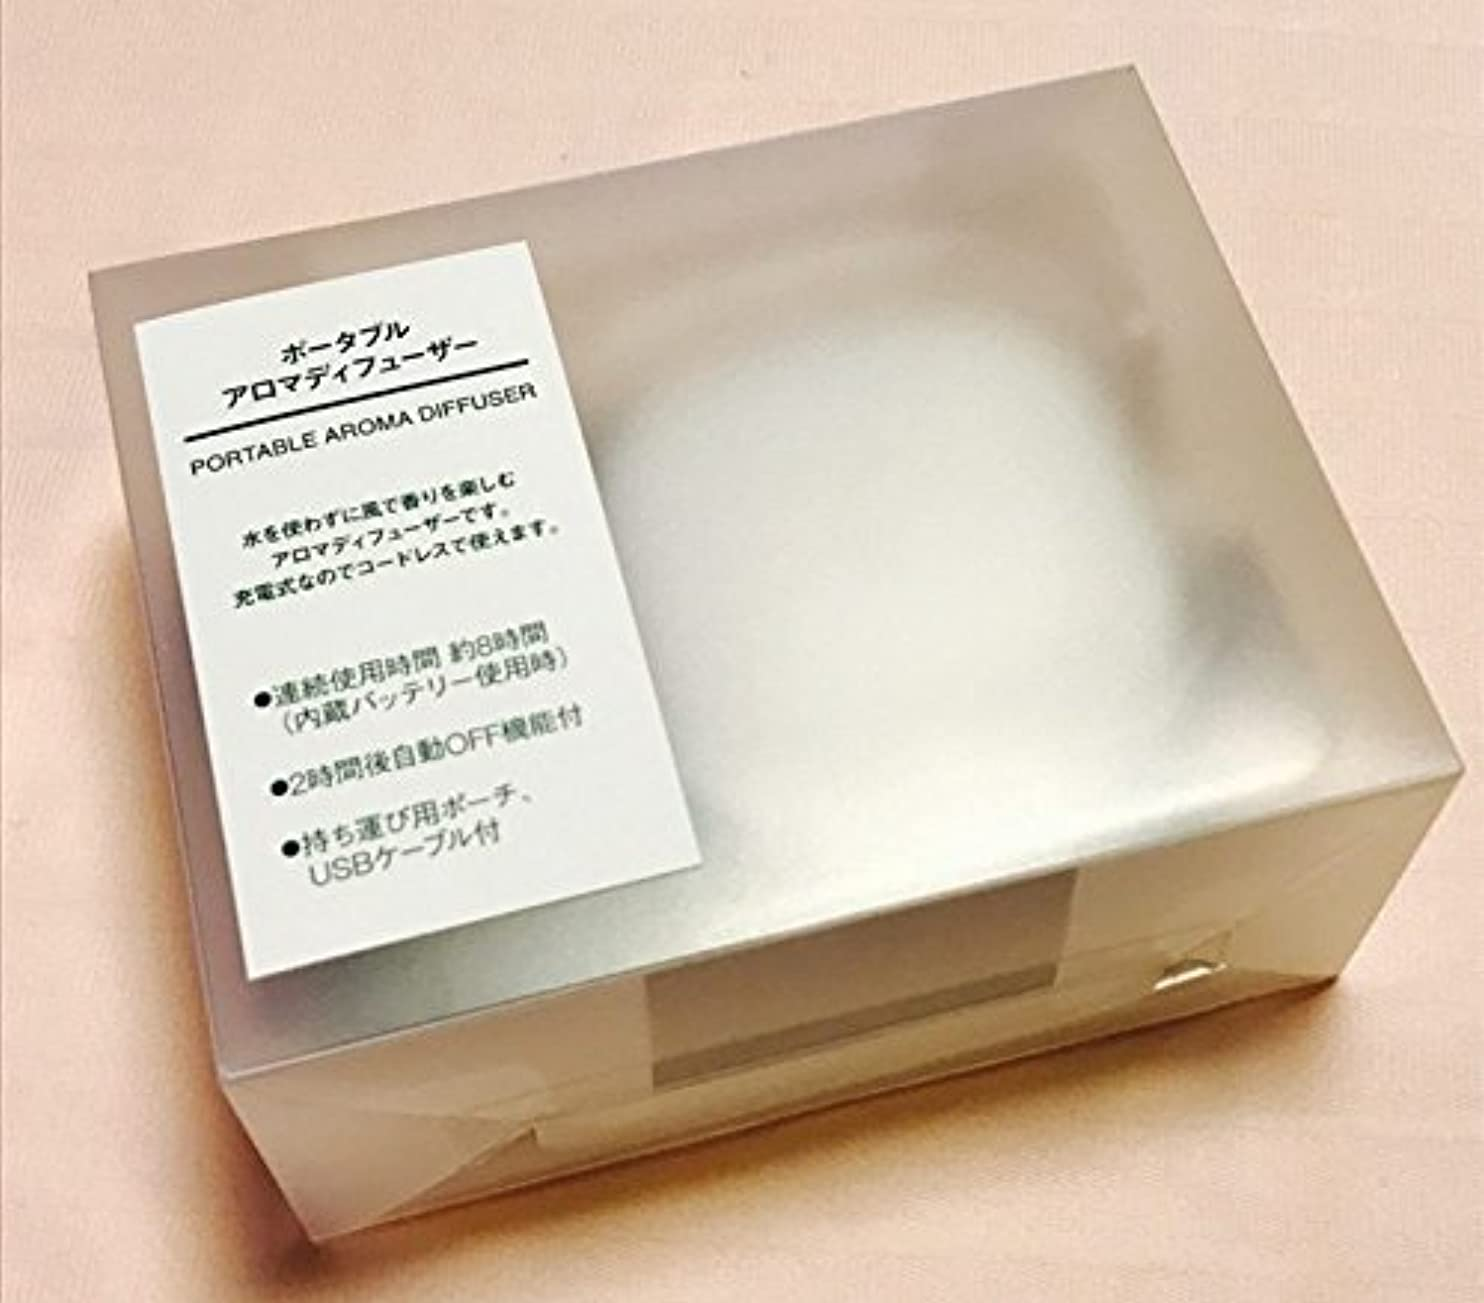 事務所石油修羅場無印良品 ポータブルアロマディフューザー 型番:MJ‐PAD1